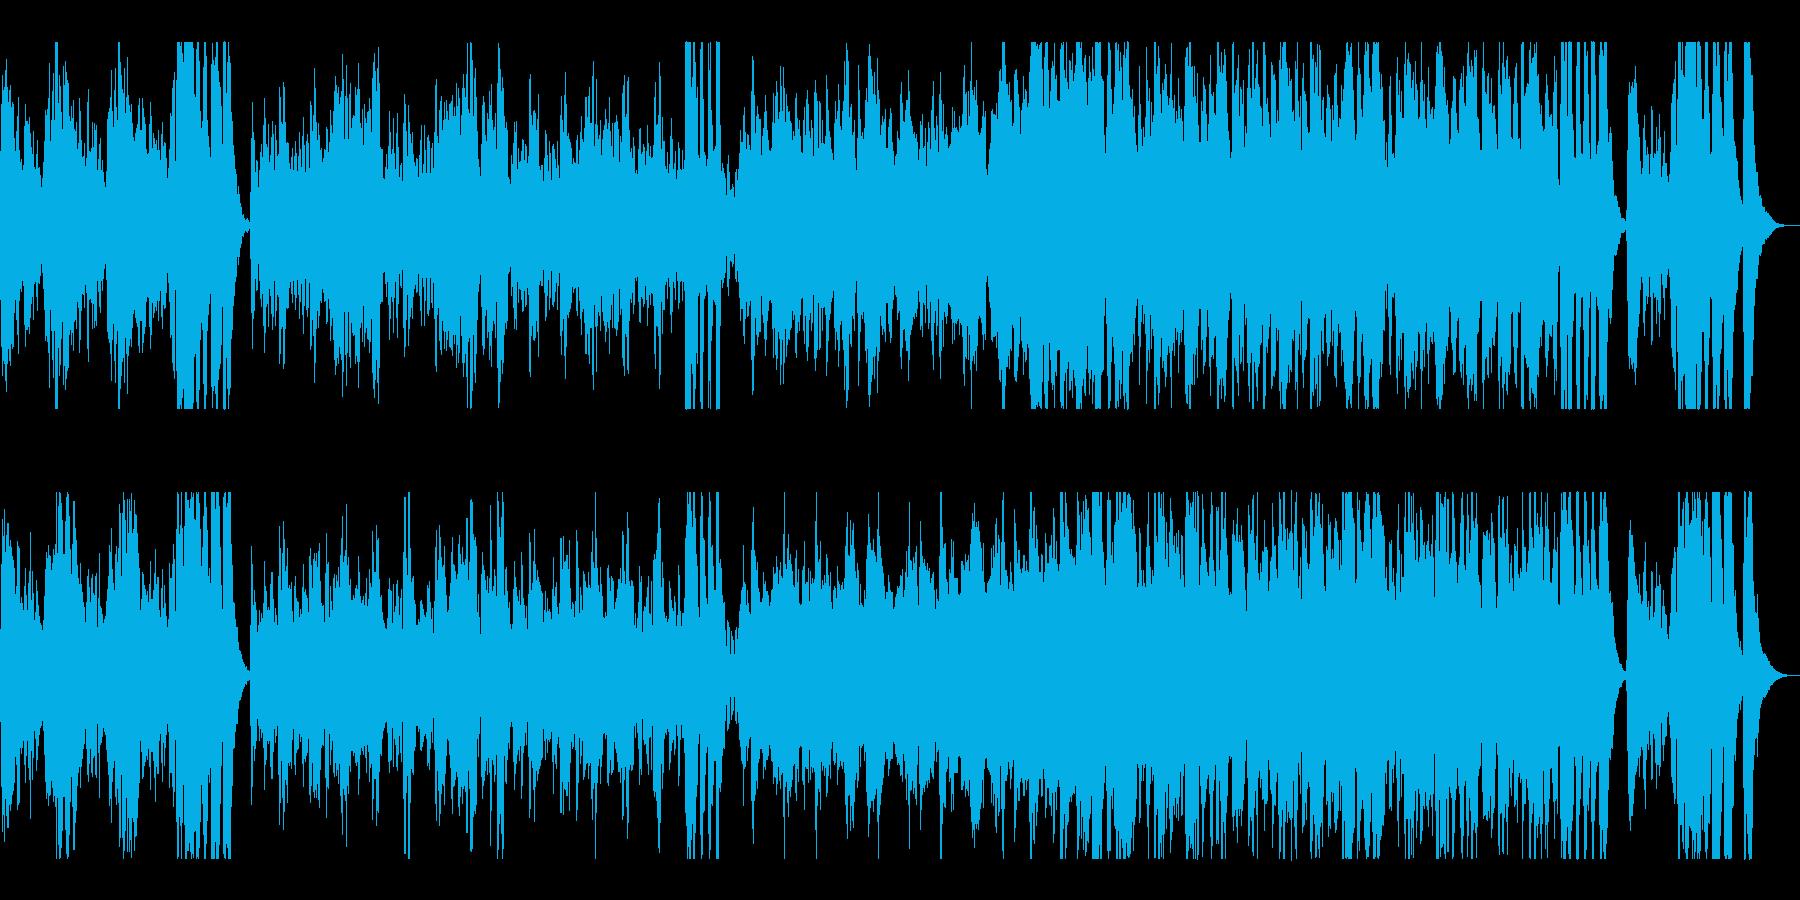 緩やかで穏やかなオーケストラサウンドの再生済みの波形